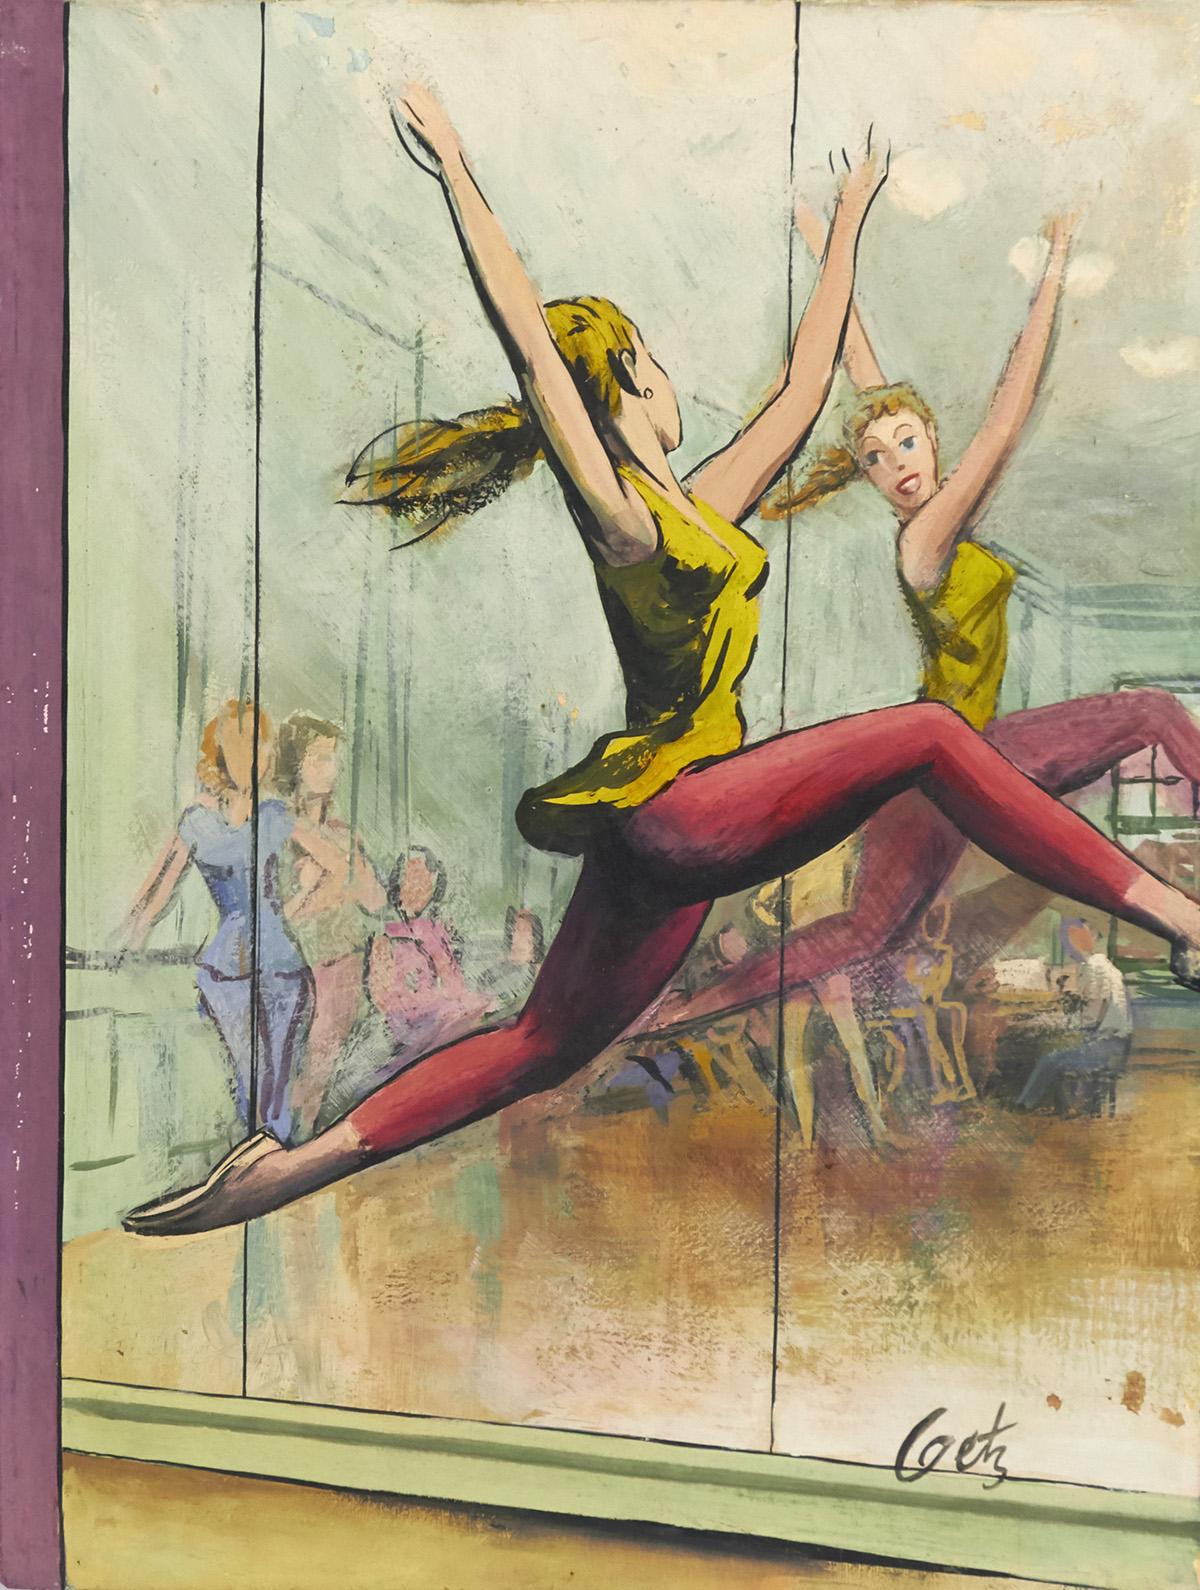 ARTHUR GETZ. Dancer Leaping. [NEW YORKER / COVER ART]